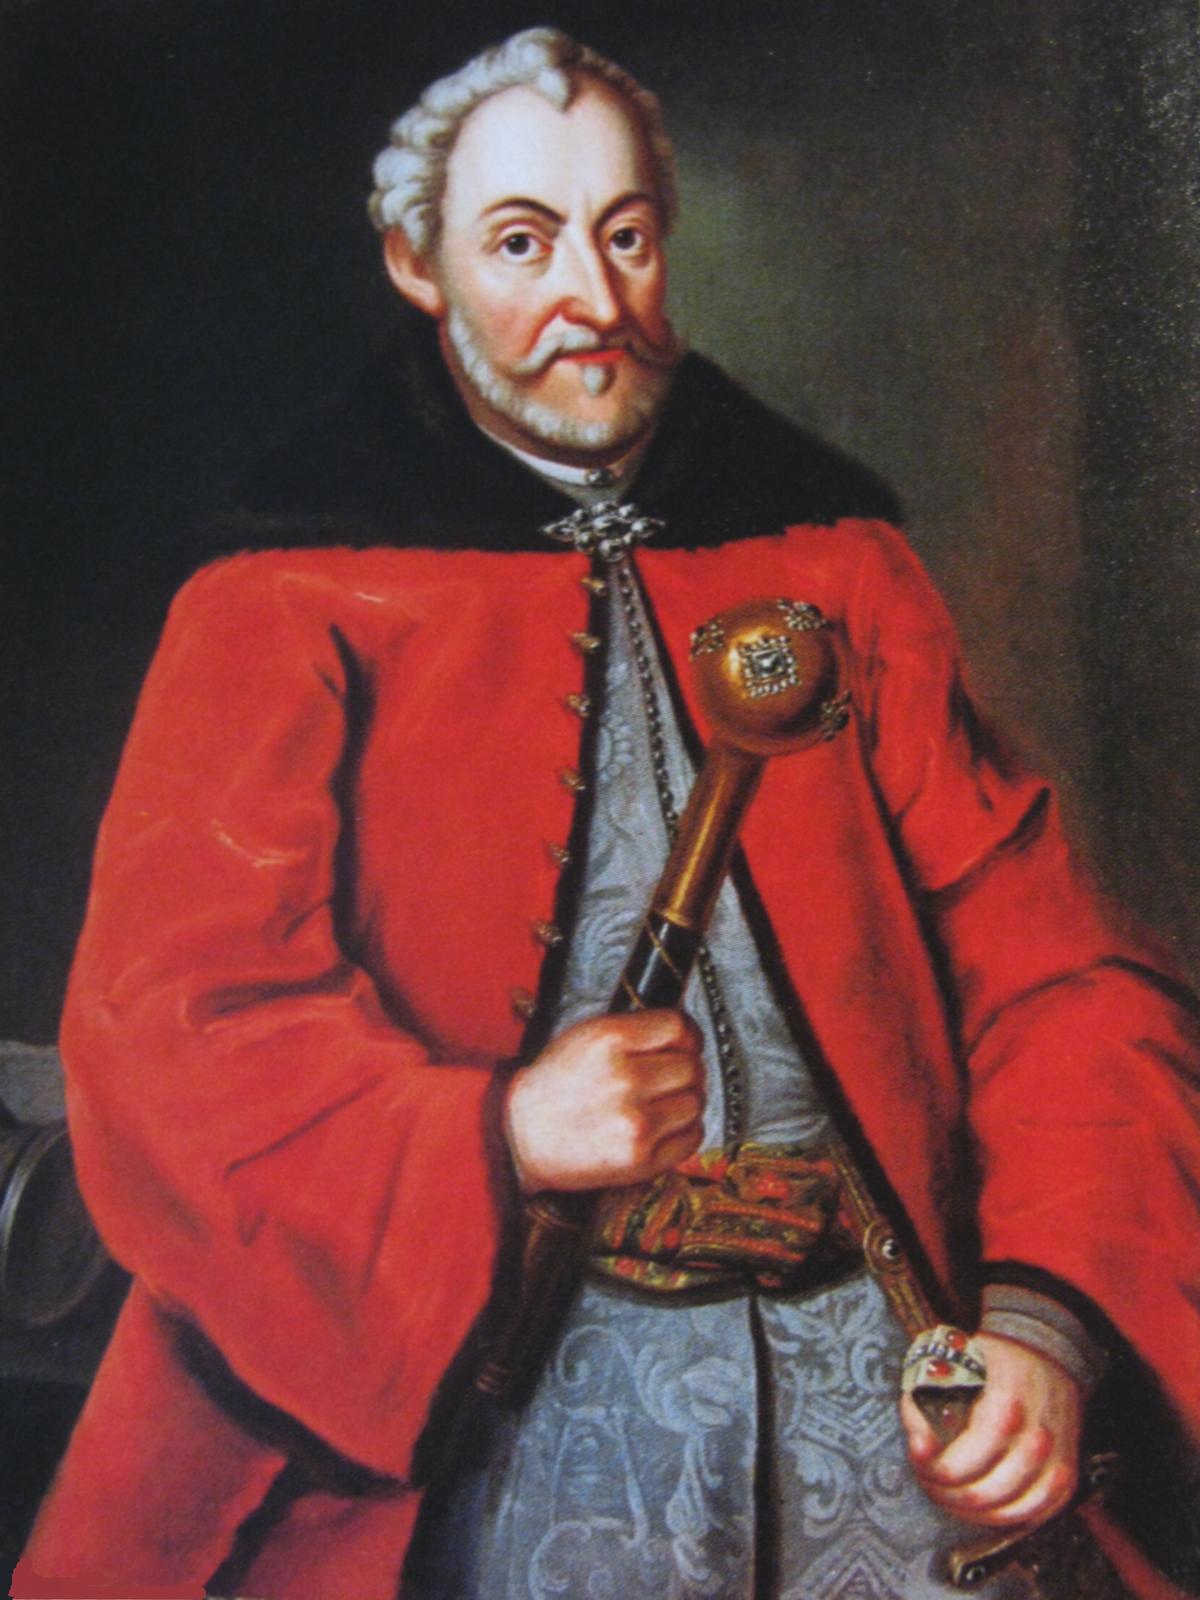 Jan Zamoyski Kanclerz ihetman wielki koronny Jan Zamoyski. Źródło: artysta nieznany, Jan Zamoyski, 2 poł. XVI w., olej, domena publiczna.